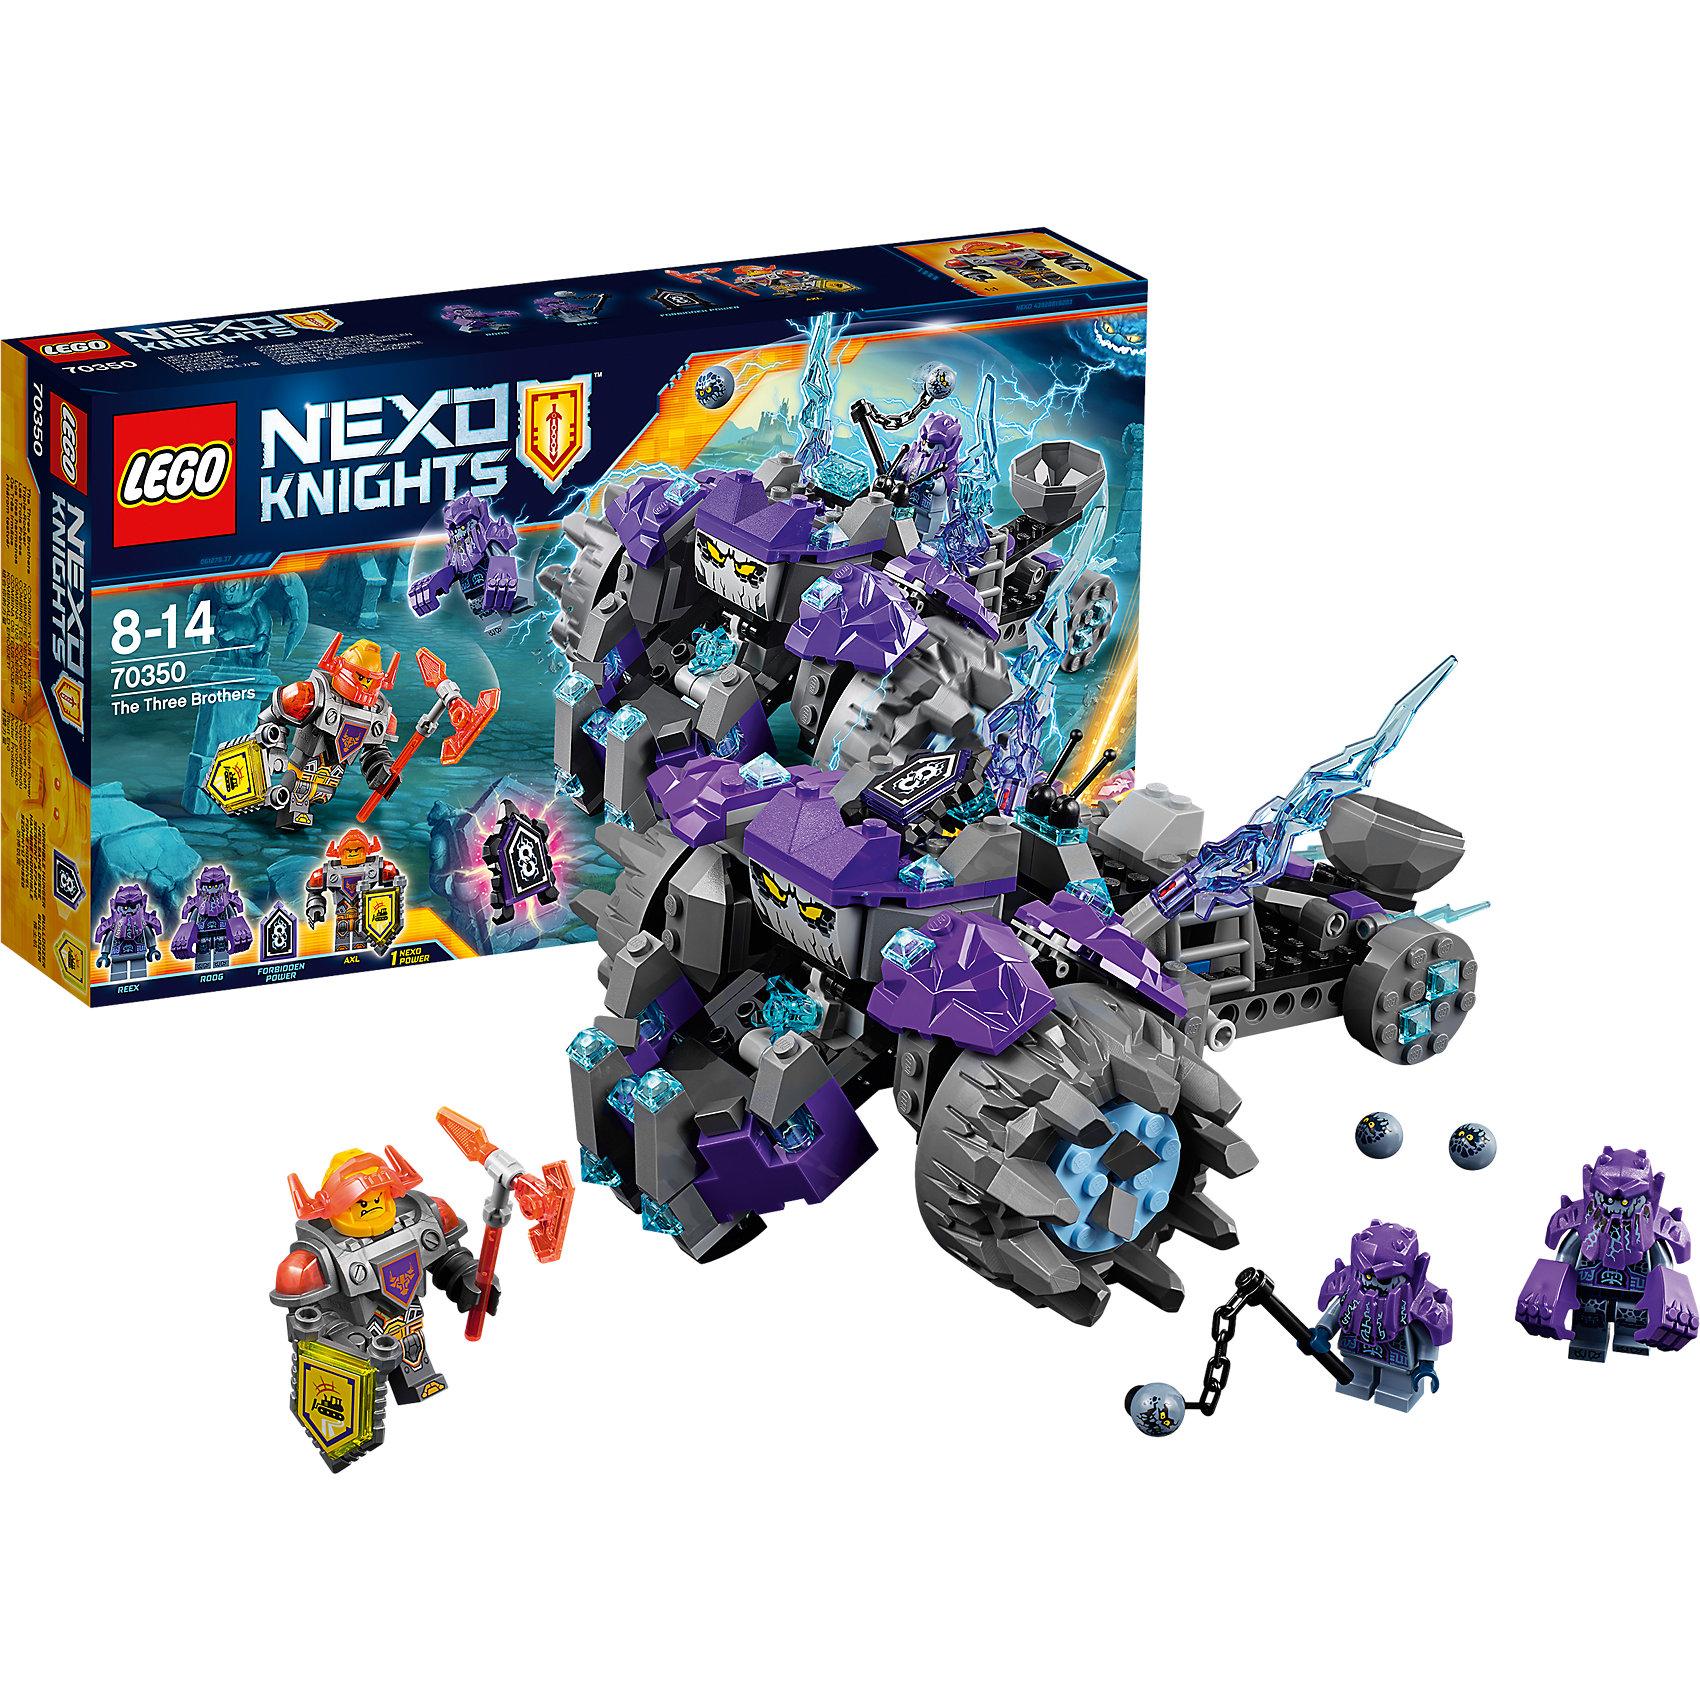 LEGO NEXO KNIGHTS 70350: Три братаПластмассовые конструкторы<br>LEGO NEXO KNIGHTS 70350: Три брата<br><br>Характеристики:<br><br>- в набор входит: монстр на колесах, 3 фигурки, защитная сила, запретная сила, аксессуары, красочная инструкция<br>- состав: пластик<br>- количество деталей: 208<br>- размер коробки: 19 * 7 * 35 см.<br>- размер монстра на колесах: 22 * 17 * 11 см.<br>- для детей в возрасте: от 8 до 14 лет<br>- Страна производитель: Дания/Китай/Чехия<br><br>Легендарный конструктор LEGO (ЛЕГО) представляет серию «NEXO KNIGHTS» (Нэксо Найтс) по сюжету одноименного мультсериала. Серия понравится любителям средневековья благодаря рыцарям, принцессам, монстрам и ужасным злодеям. Три брата каменных монстра противостоят Рыцарю Акселю. Каменные монстры Рикс и Руг представлены в виде минифигурок и очень качественно выполнены в своих деталях, имеют по два выражения лица. Самый большой брат - это монстр с колесами, который собирается из серых и фиолетовых частей. Колеса выполнены из уникальных деталей, при движении пасть монстра открывается и закрывается, а также плавно перемещается вперед и назад. Монстр обладает запретной силой «Волчий голод». Полупрозрачные синие детали-молнии можно двигать, изменяя их положение на свой вкус. Под лестницей в кабину управления хранятся гравильеры – заряды для катапульты и ручное оружие. Встроенная несложная катапульта поможет закидать рыцарей гравильерами, можно заряжать сразу несколько снарядов. Рыцарь Аксель изменил свои доспехи добавив прозрачно-оранжевое забрало. В руках рыцарь держит Нексо-щит на котором расположена сила «Бульдозер» и топор из трех лего деталей. Помогай рыцарям бороться с каменными монстрами с помощью прогресса и невероятной Нексо силы!<br><br>Конструктор LEGO NEXO KNIGHTS 70350: Три брата можно купить в нашем интернет-магазине.<br><br>Ширина мм: 355<br>Глубина мм: 192<br>Высота мм: 73<br>Вес г: 514<br>Возраст от месяцев: 84<br>Возраст до месяцев: 168<br>Пол: Мужской<br>Возраст: Детский<br>SKU: 5002423